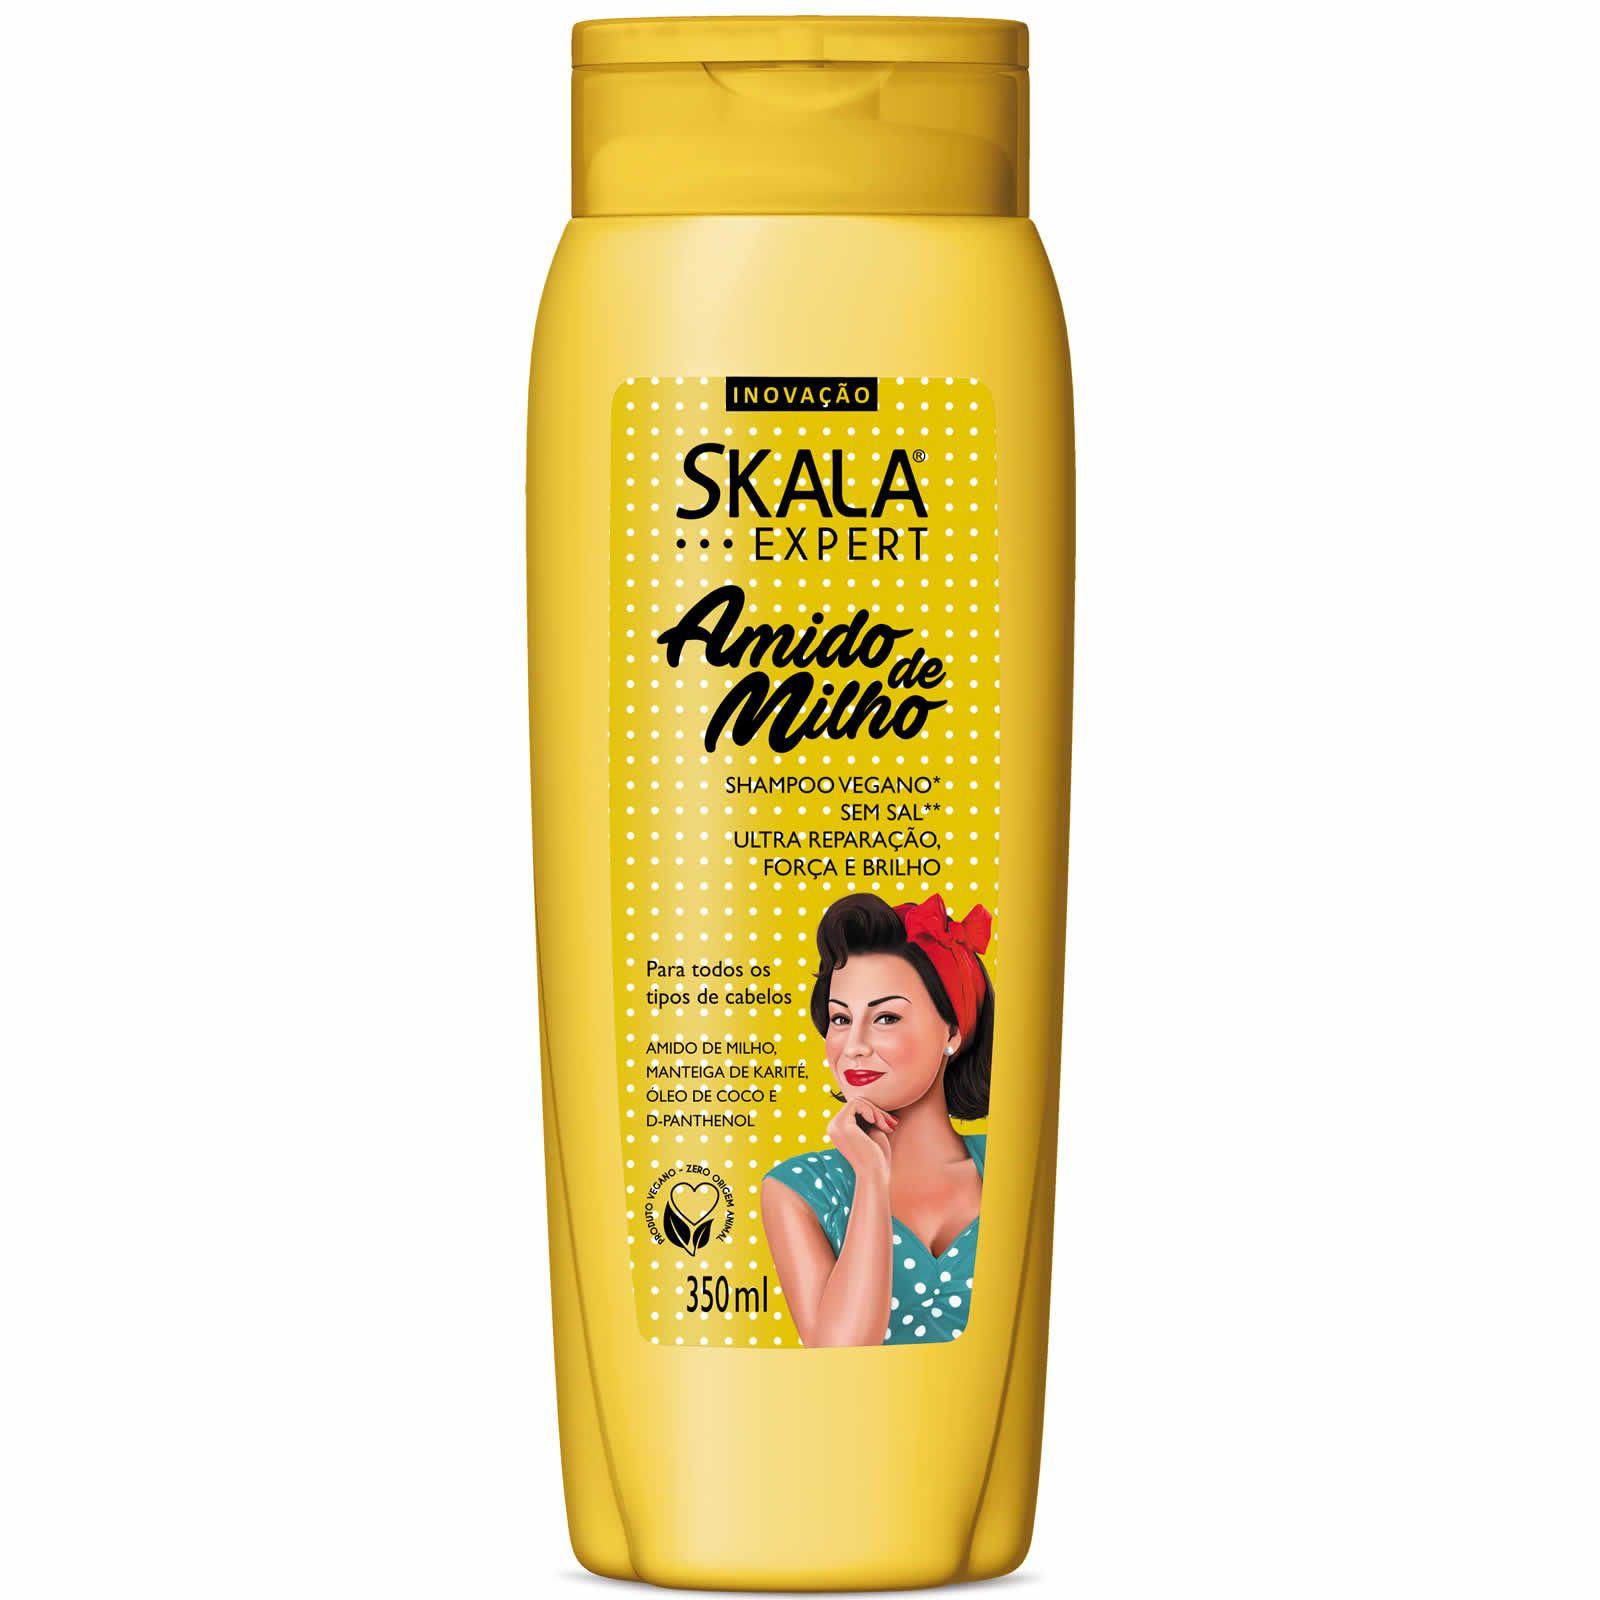 Shampoo Amido de Milho